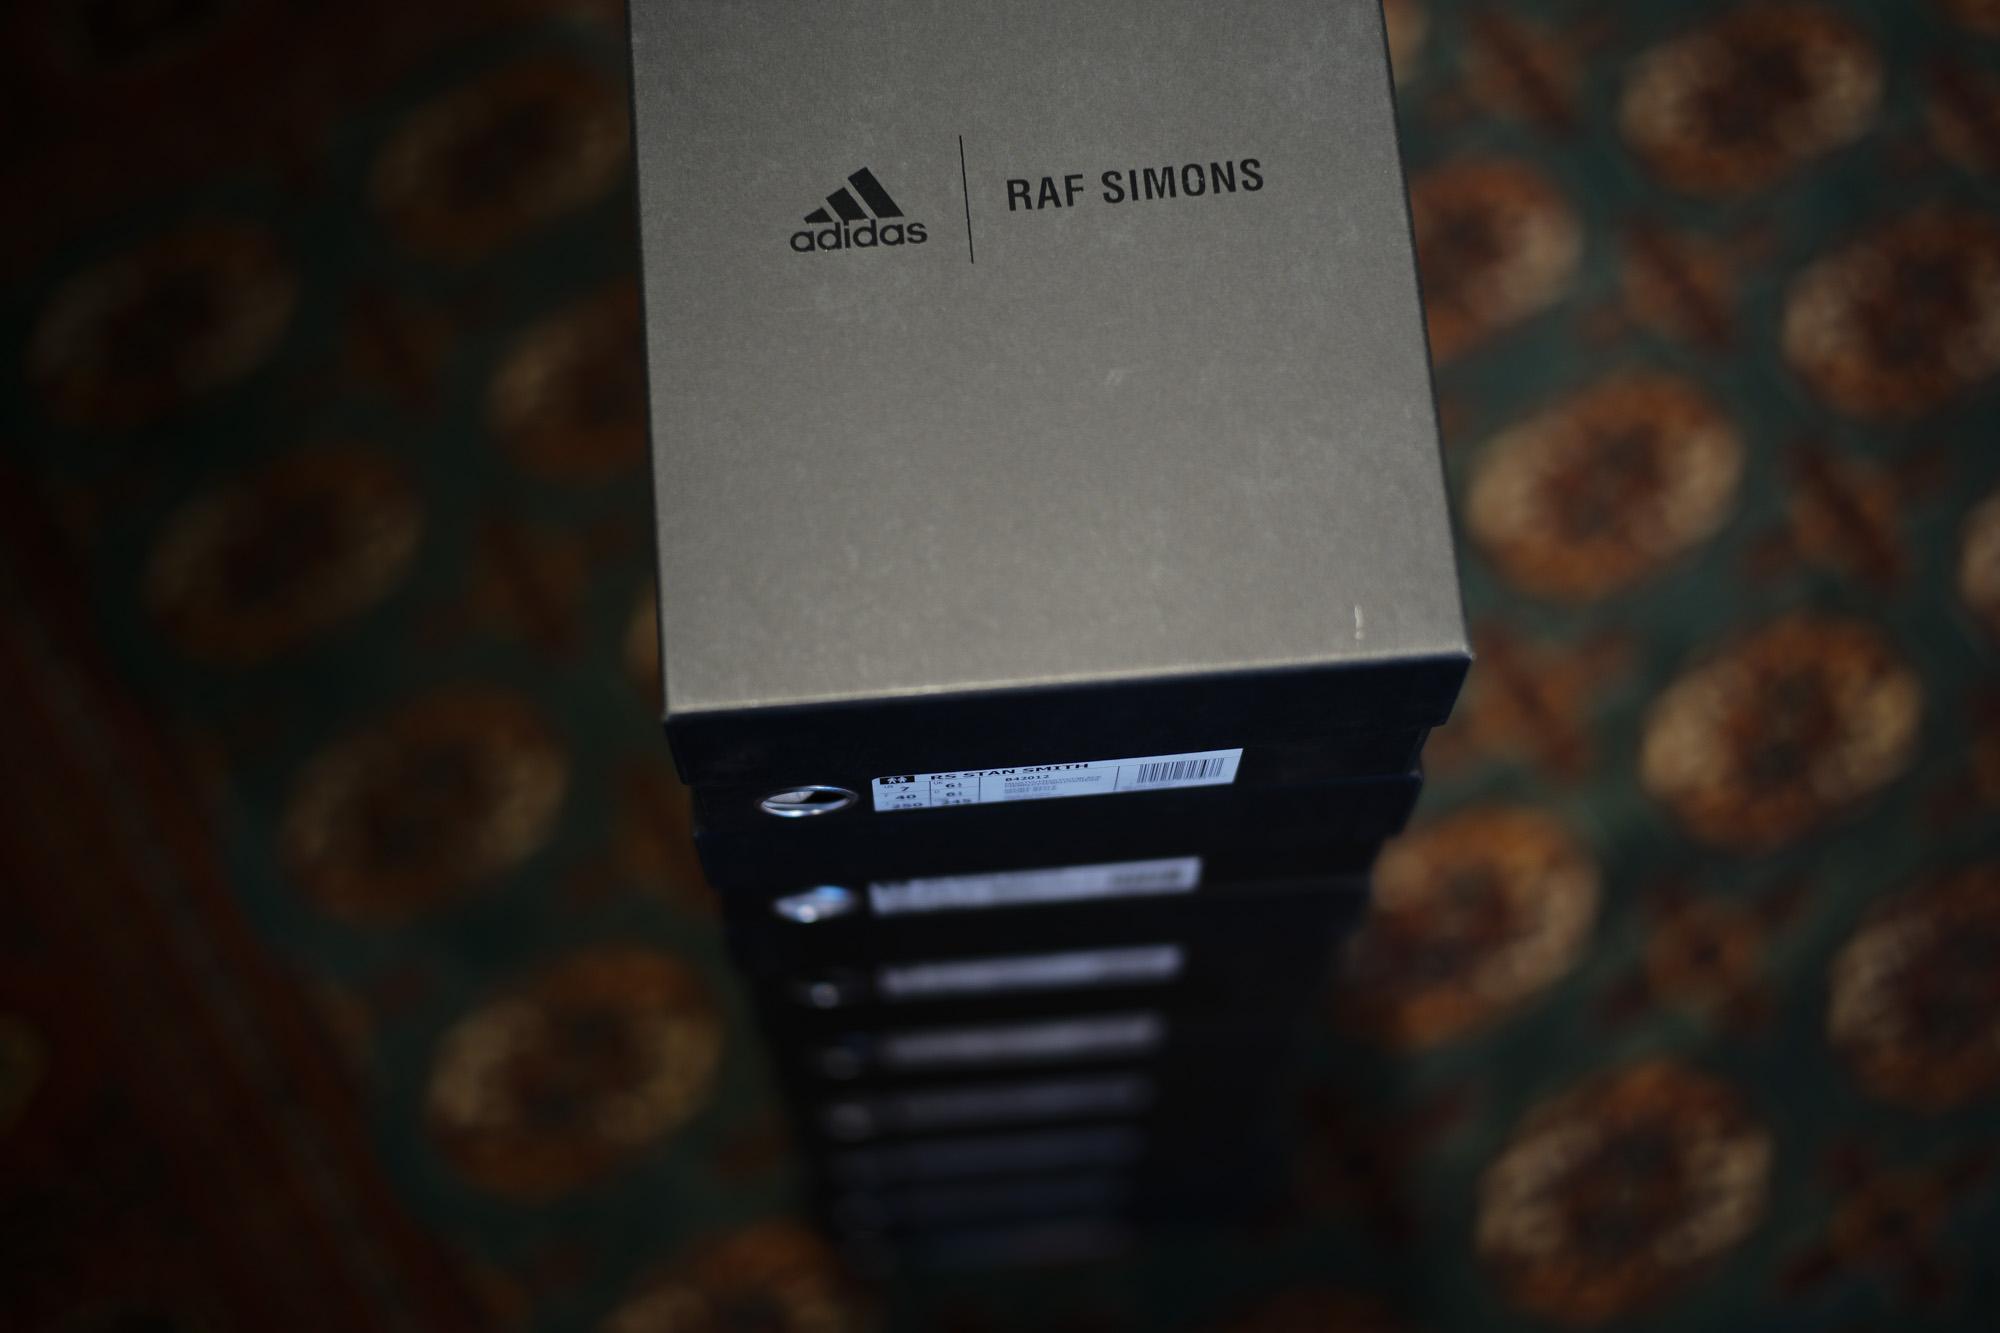 adidas by RAF SIMONS (アディダス バイ ラフシモンズ) RS STAN SMITH (RS スタンスミス) B42012 レザー スニーカー MISSTO/MISSTO/CBLACK (ミスト) 2018 春夏新作 adidas rafsimons ラフシモンズ 愛知 名古屋 Alto e Diritto アルト エ デリット alto e dritto アルトエデリット